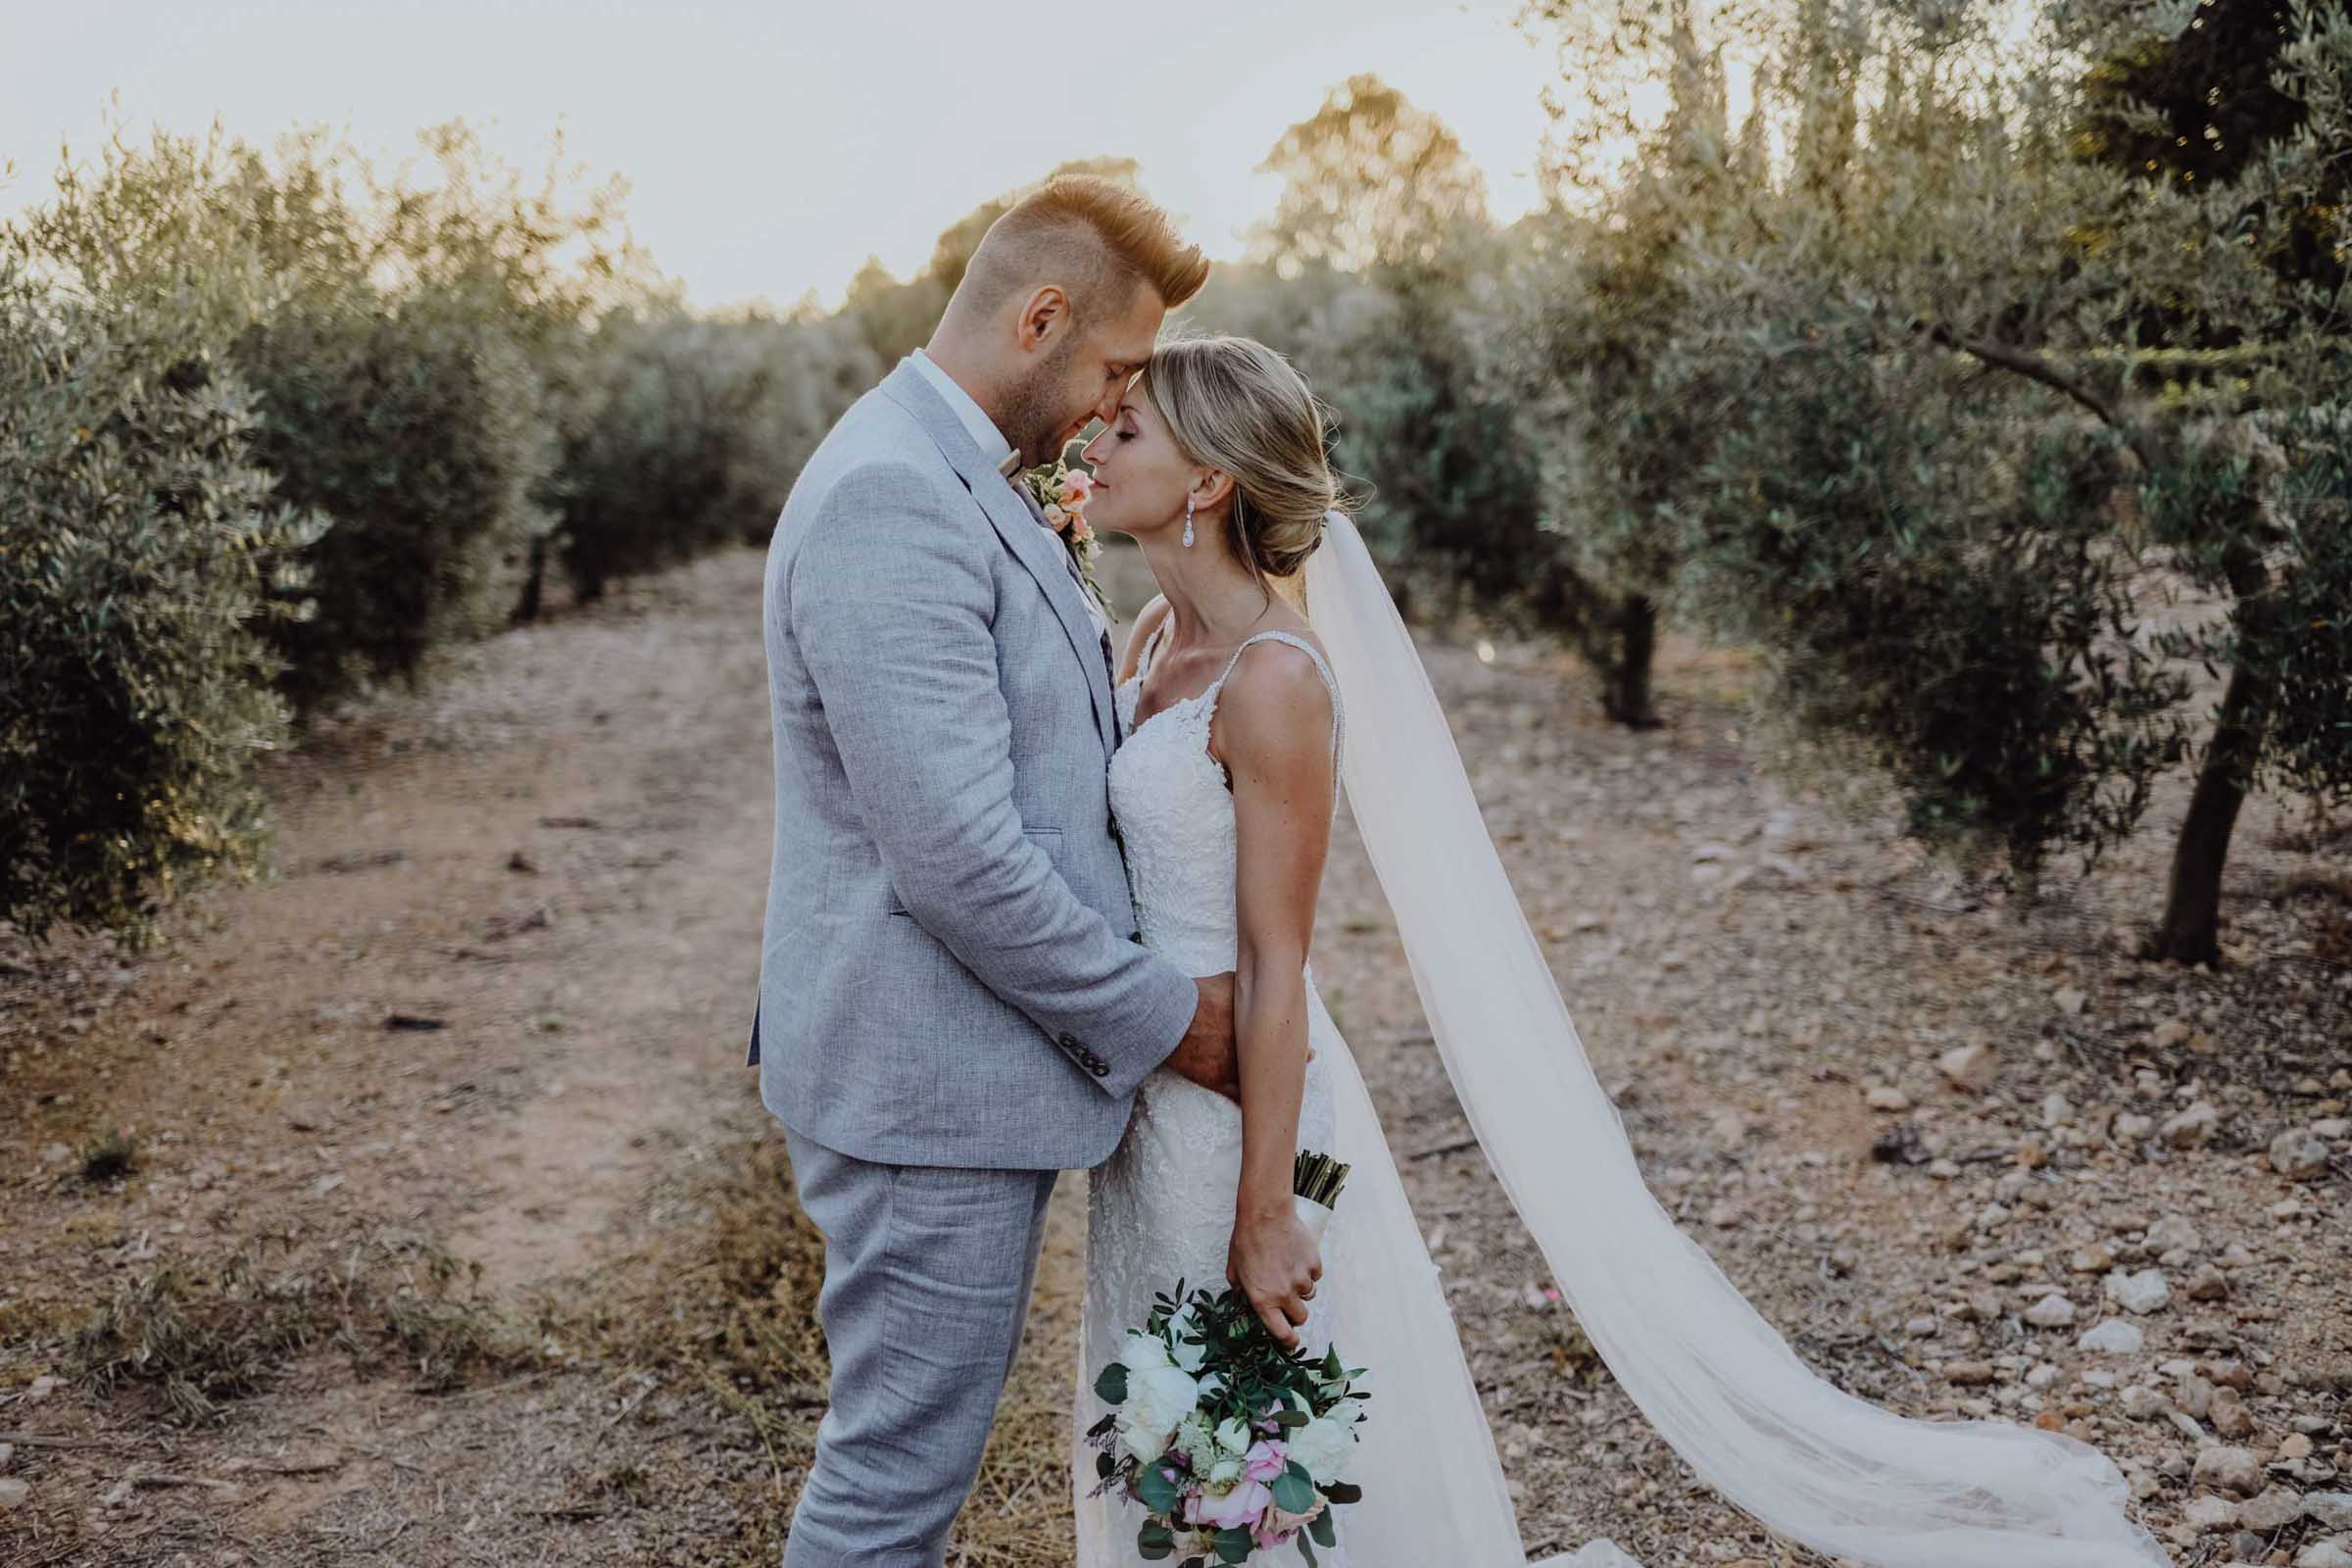 Mann und Frau umgeben von Olivenbäumen